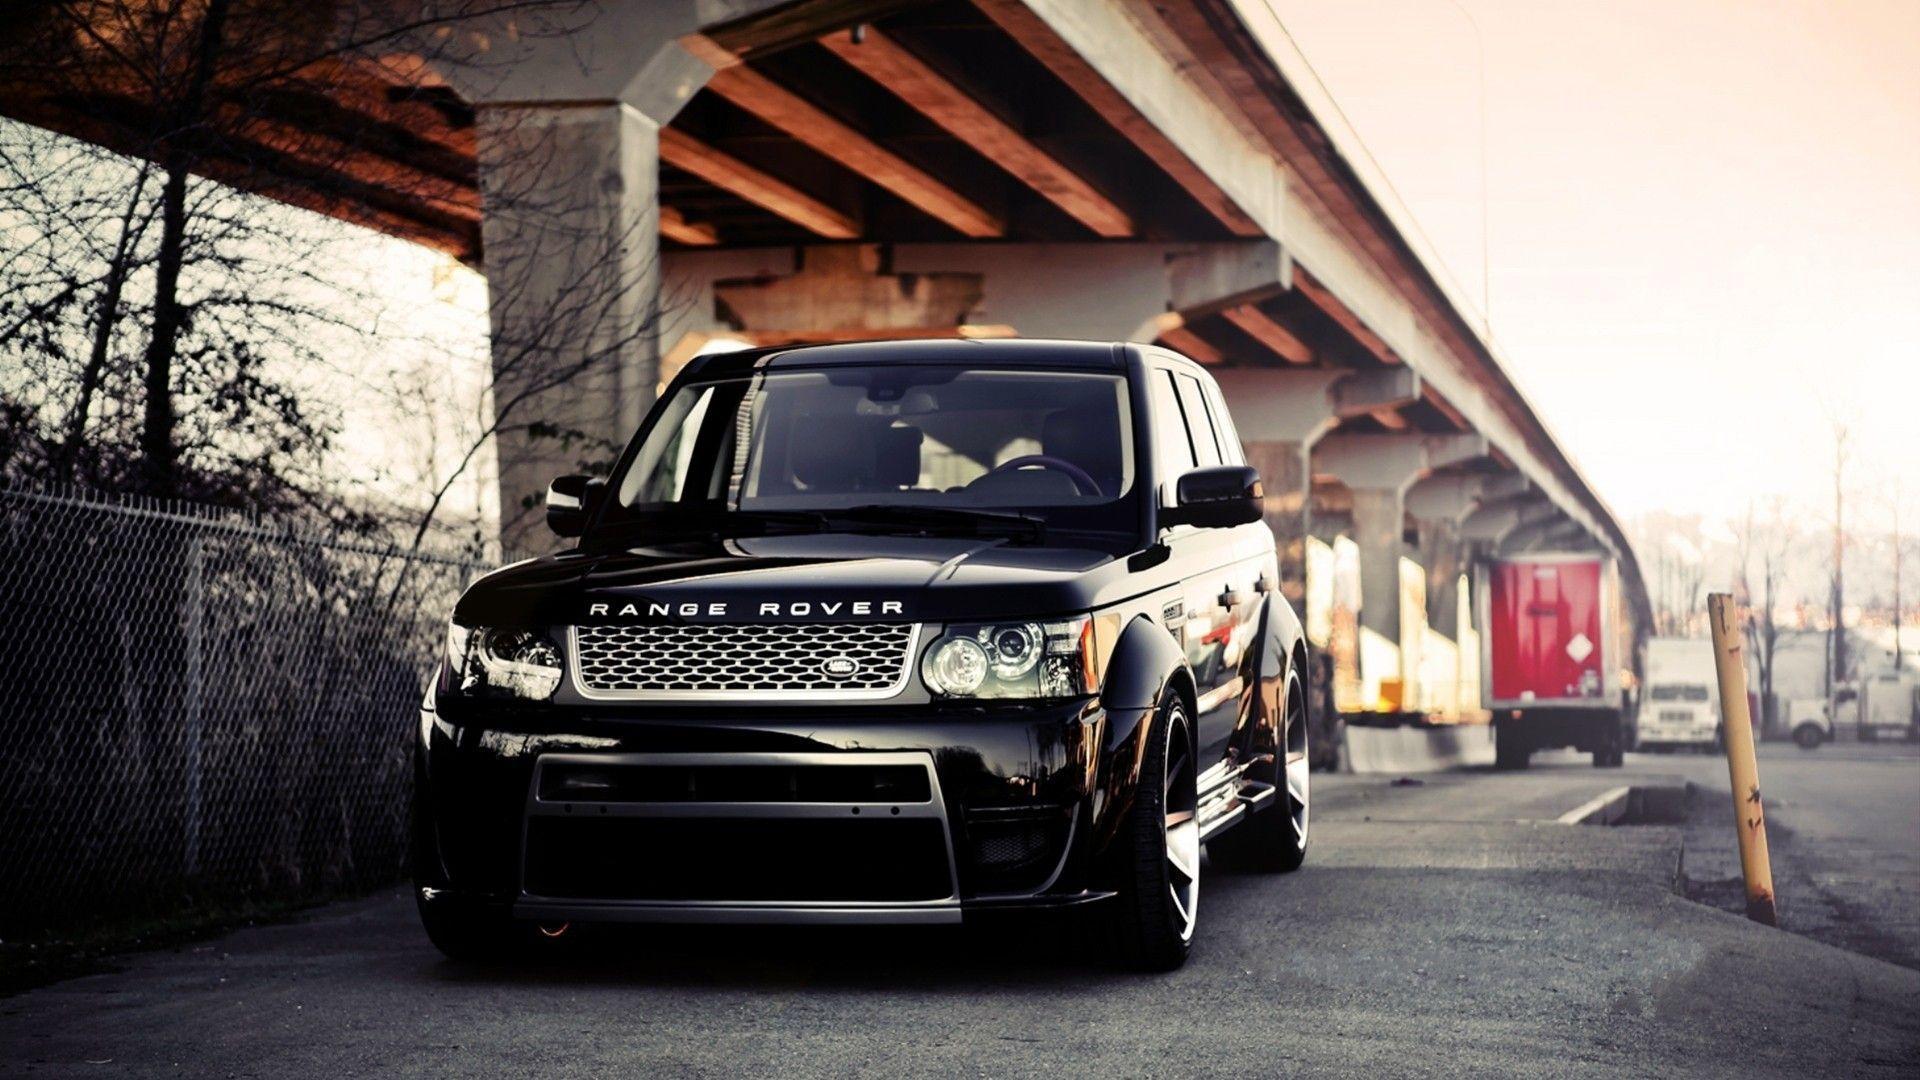 Range Rover Sport Black Wallpaper: Range Rover Sport 2017 Wallpapers